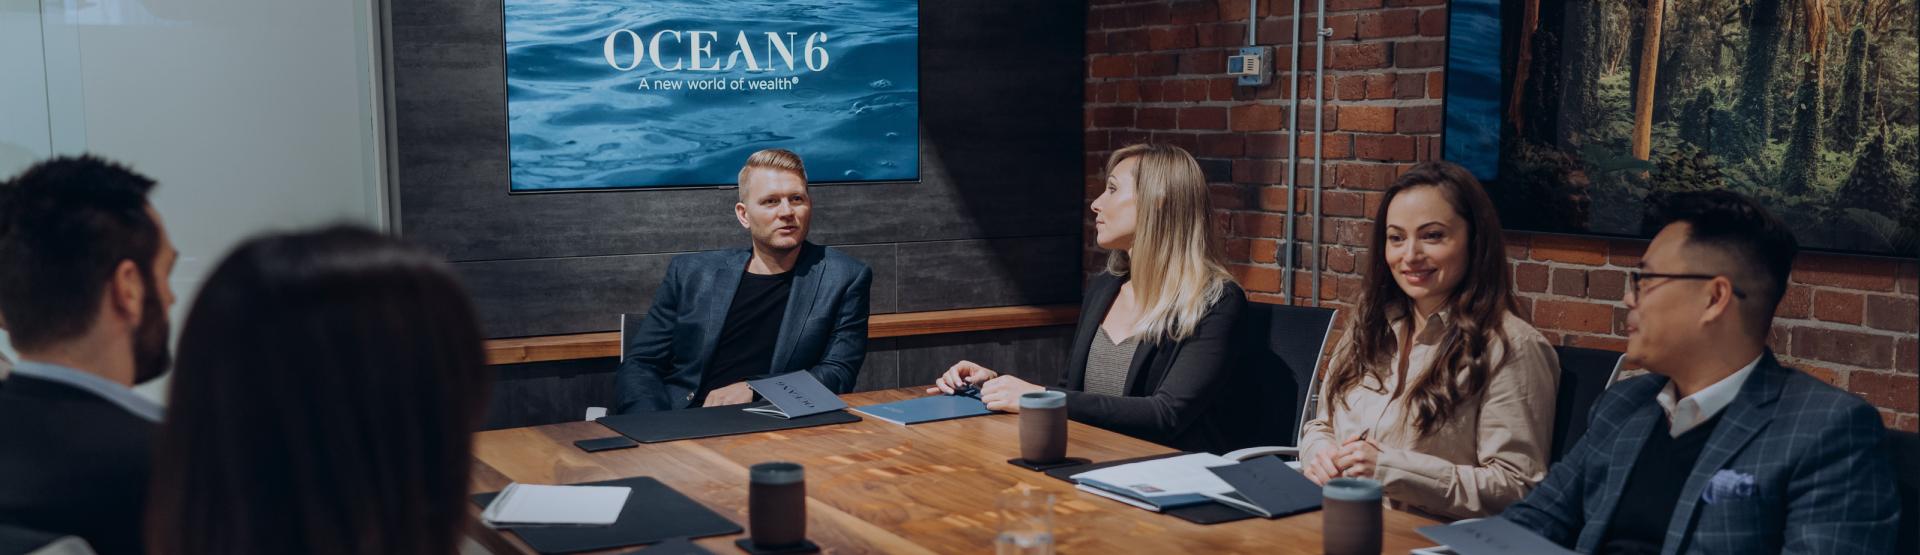 Ocean 6 Team Meeting